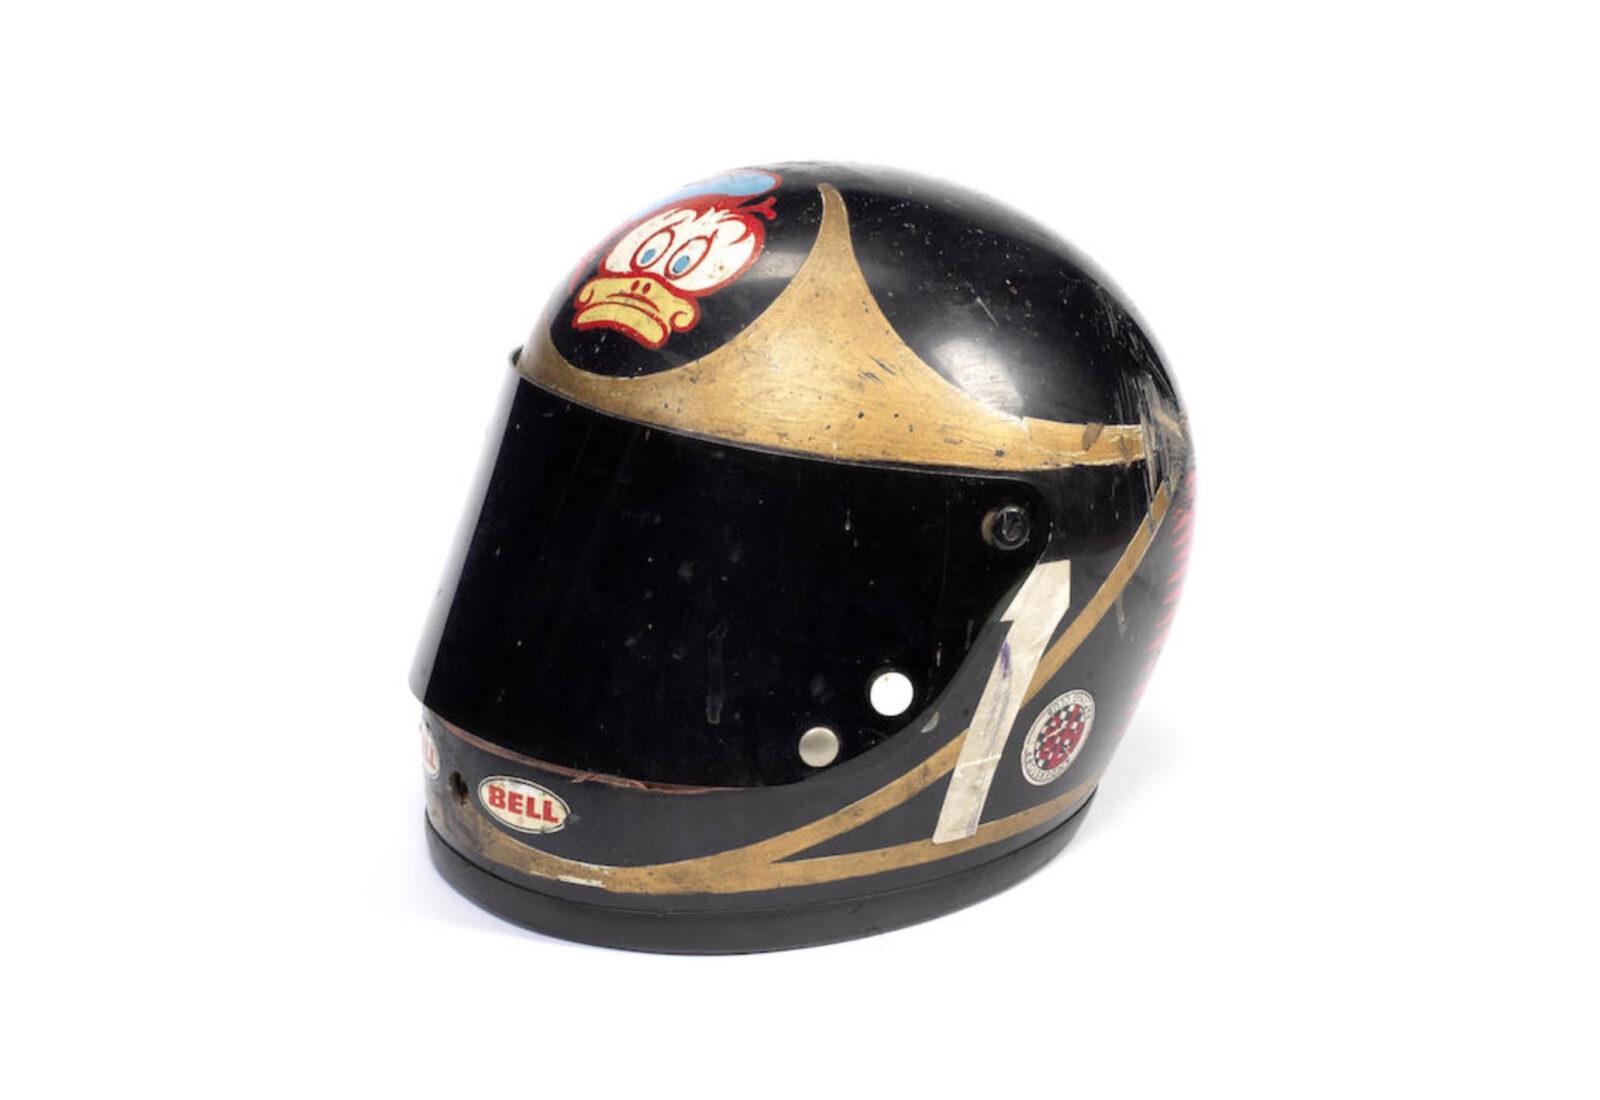 Barry Sheenes 1974 Bell racing helmet 1600x1100